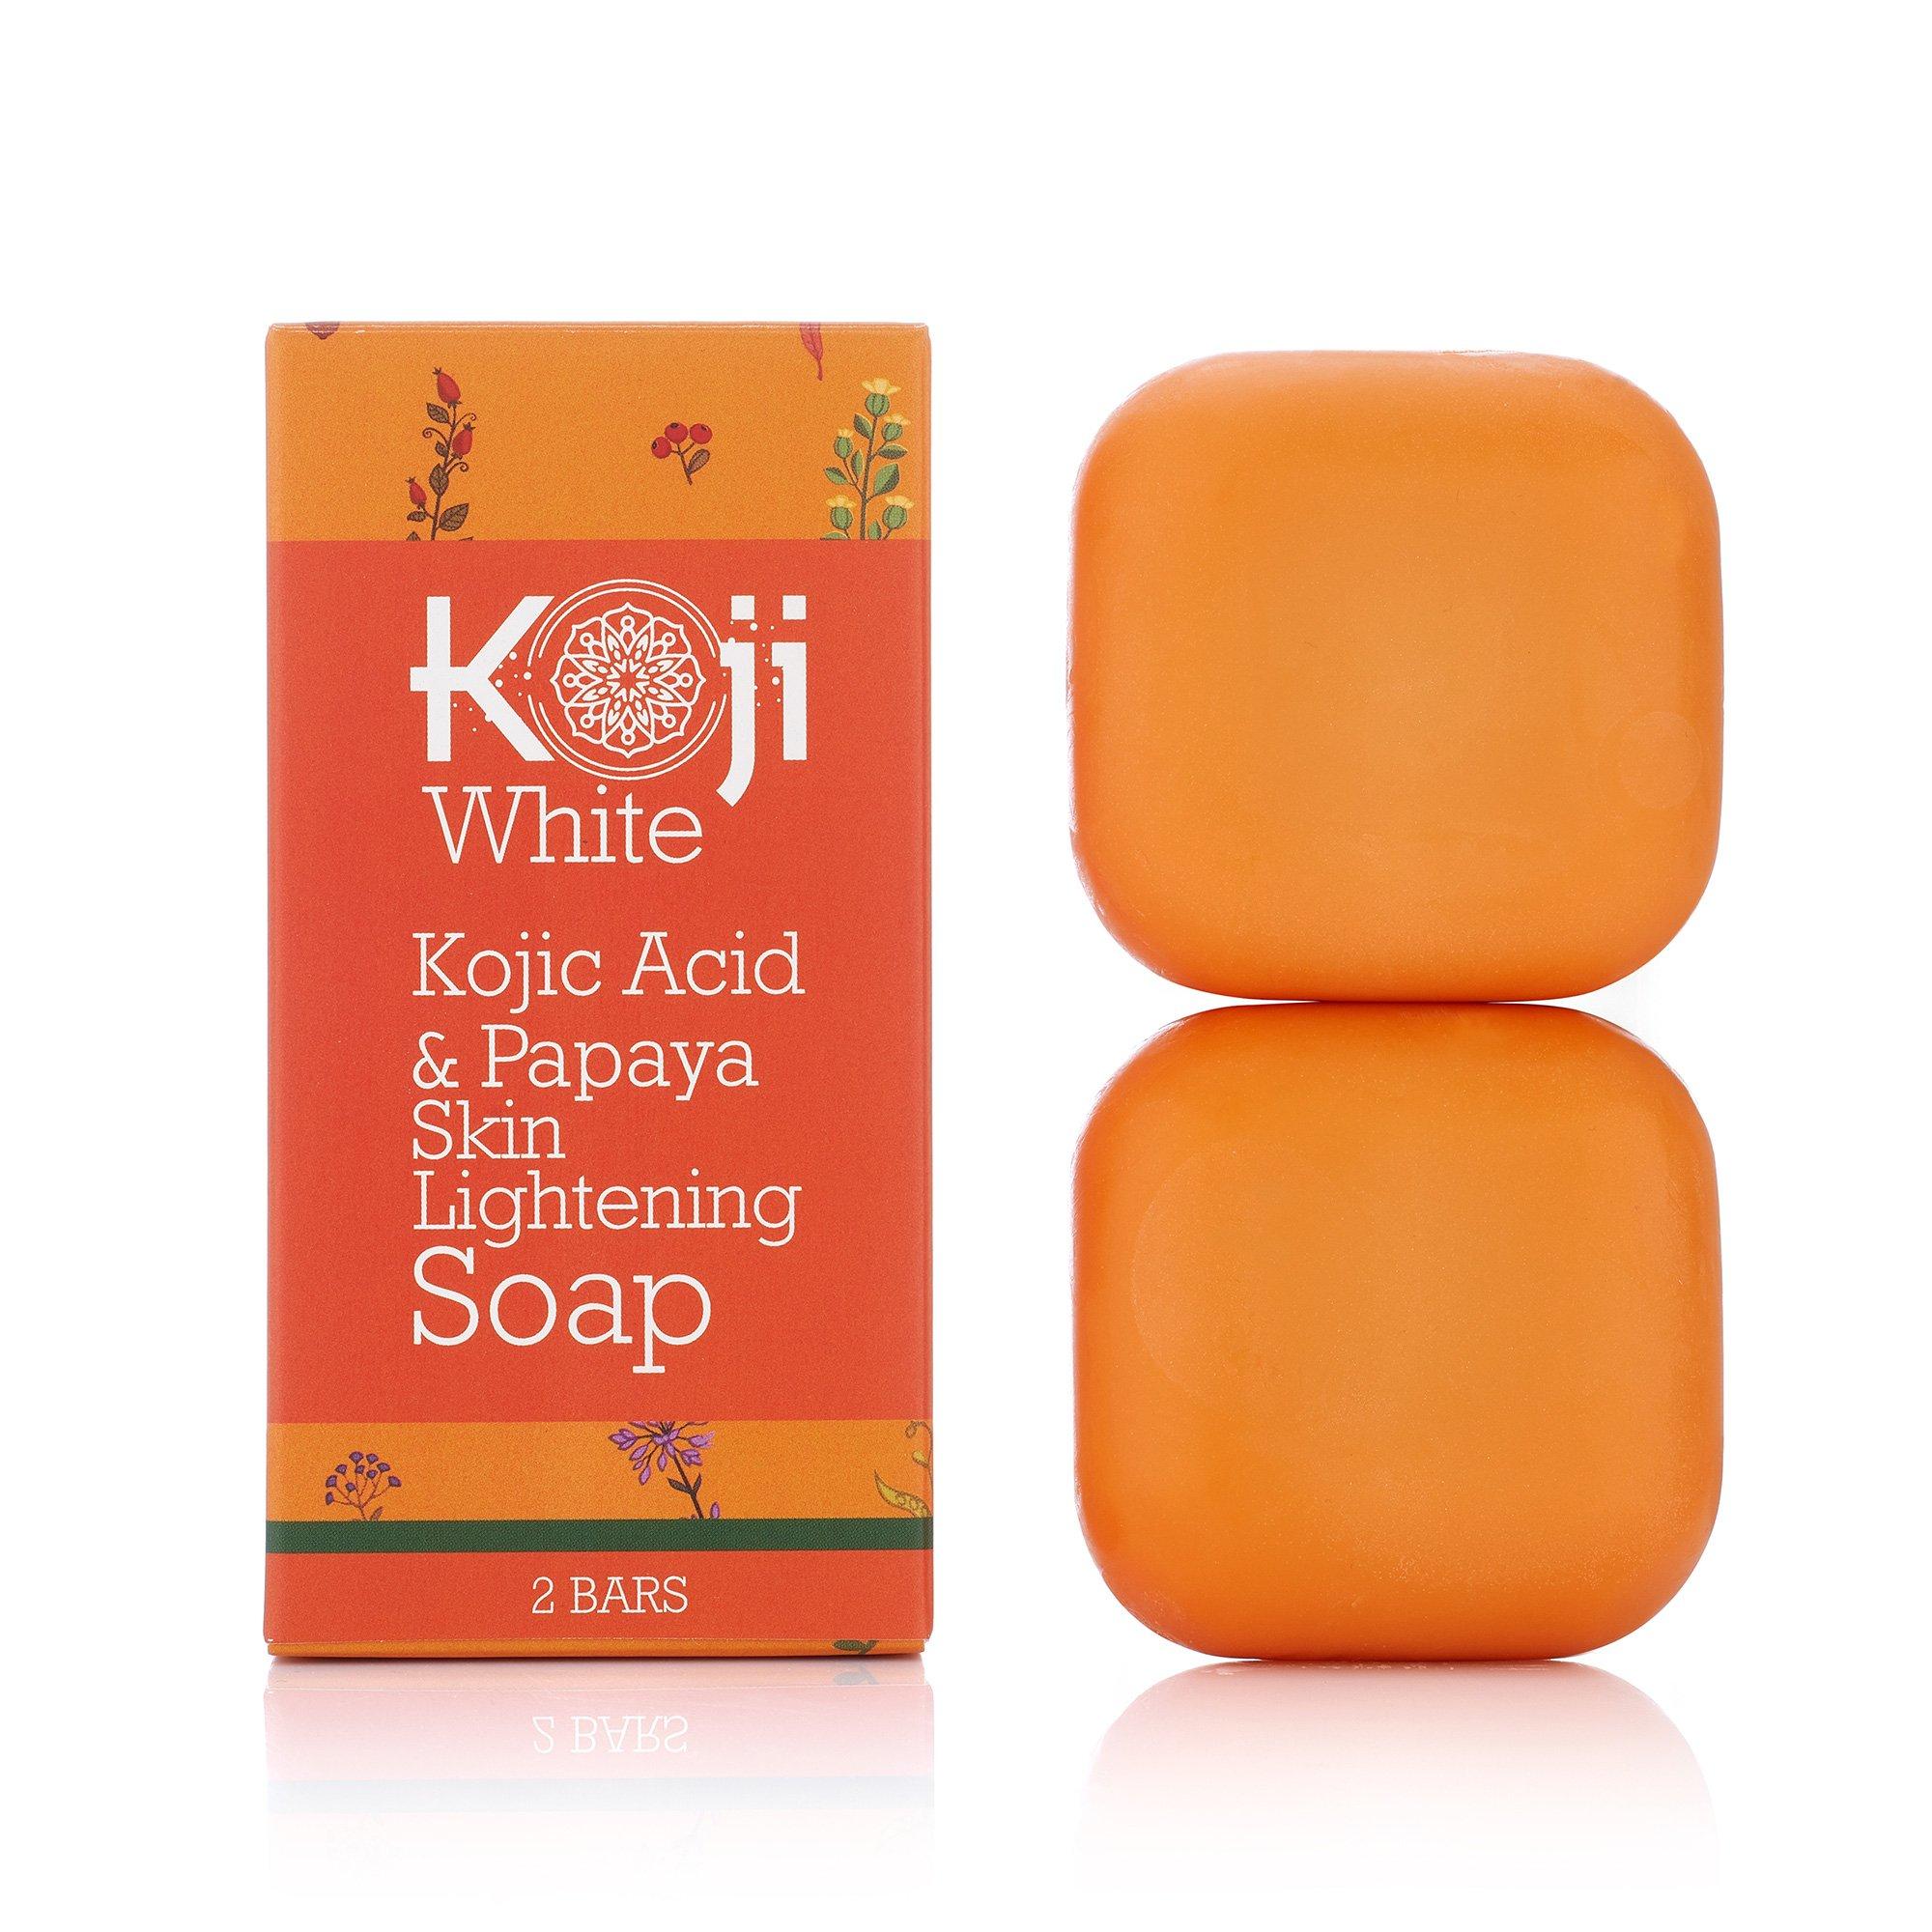 Kojic Acid & Papaya Skin Lightening Soap (2.82 oz / 2 Bars) - Natural